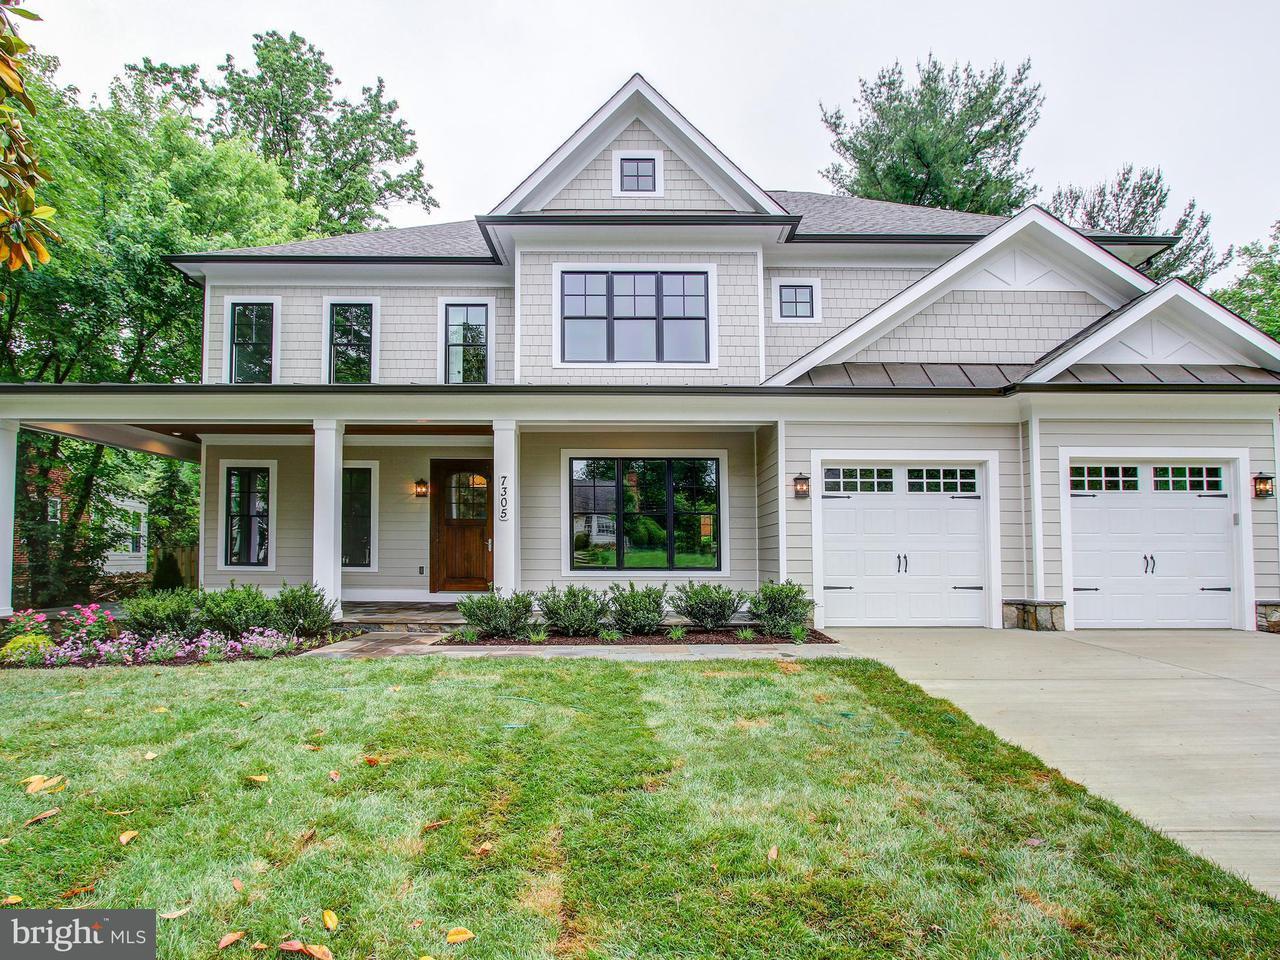 Maison unifamiliale pour l Vente à 7305 DURBIN TER 7305 DURBIN TER Bethesda, Maryland 20817 États-Unis